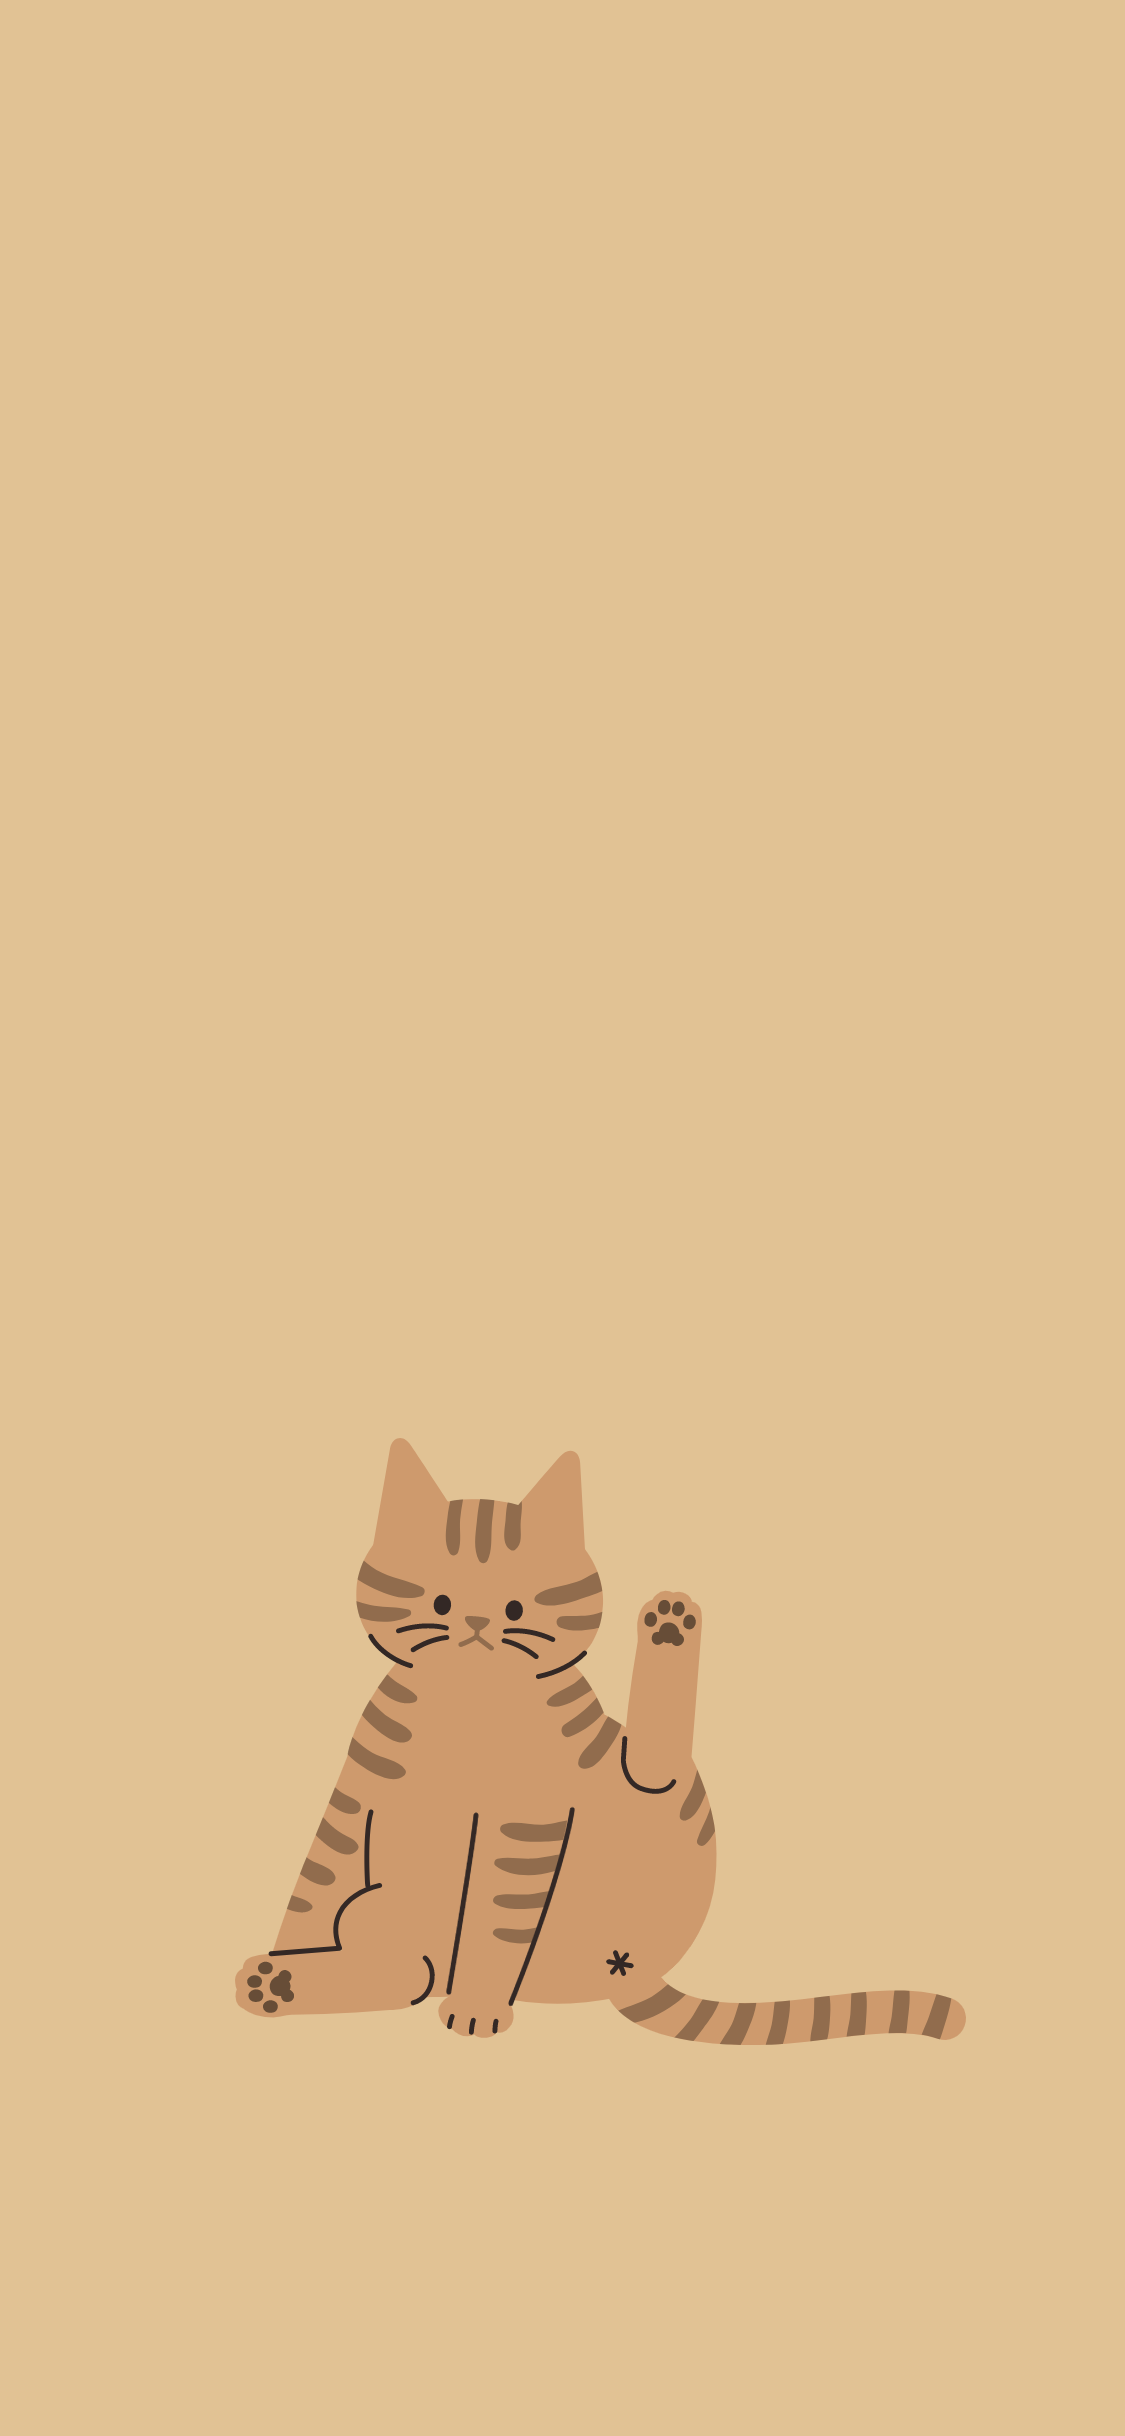 아이폰x Xs 배경화면 고화질 고양이발바닥 일러스트 배경화면 고양이 그림 고양이 배경화면